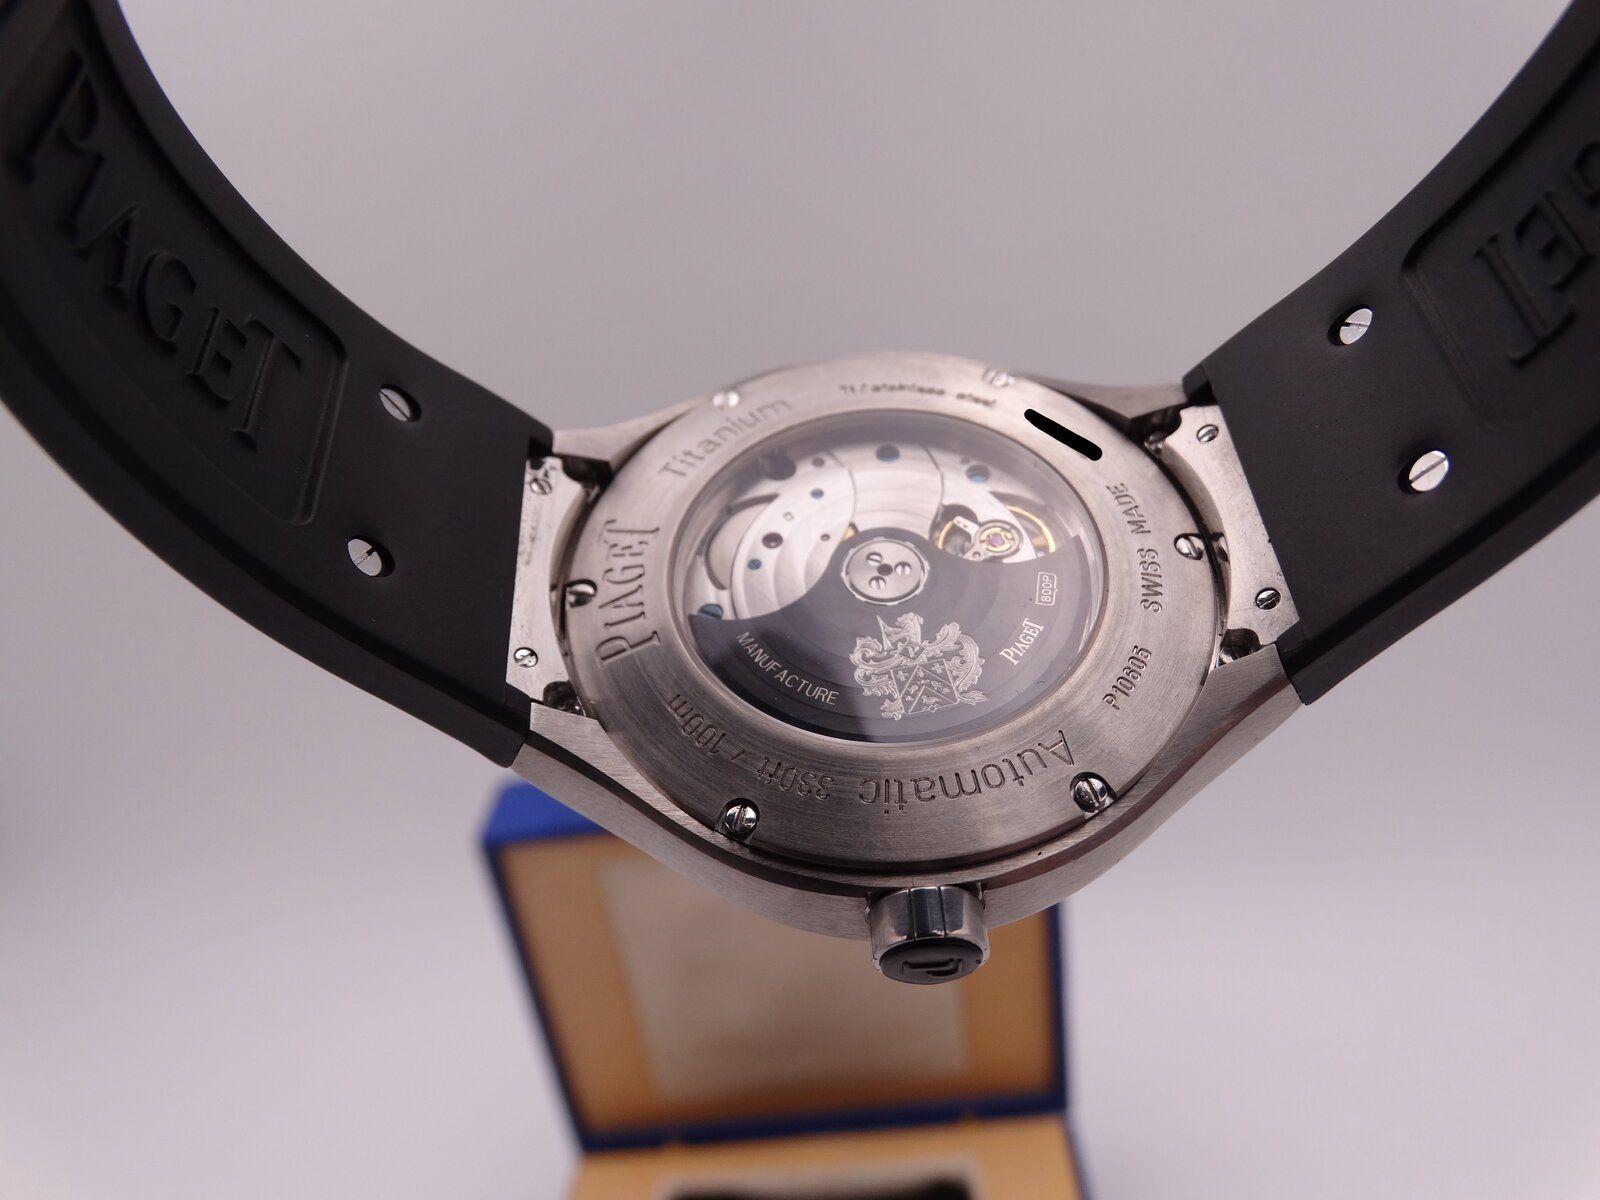 Piaget Polo FortyFive Titanium 01236 copia.JPG